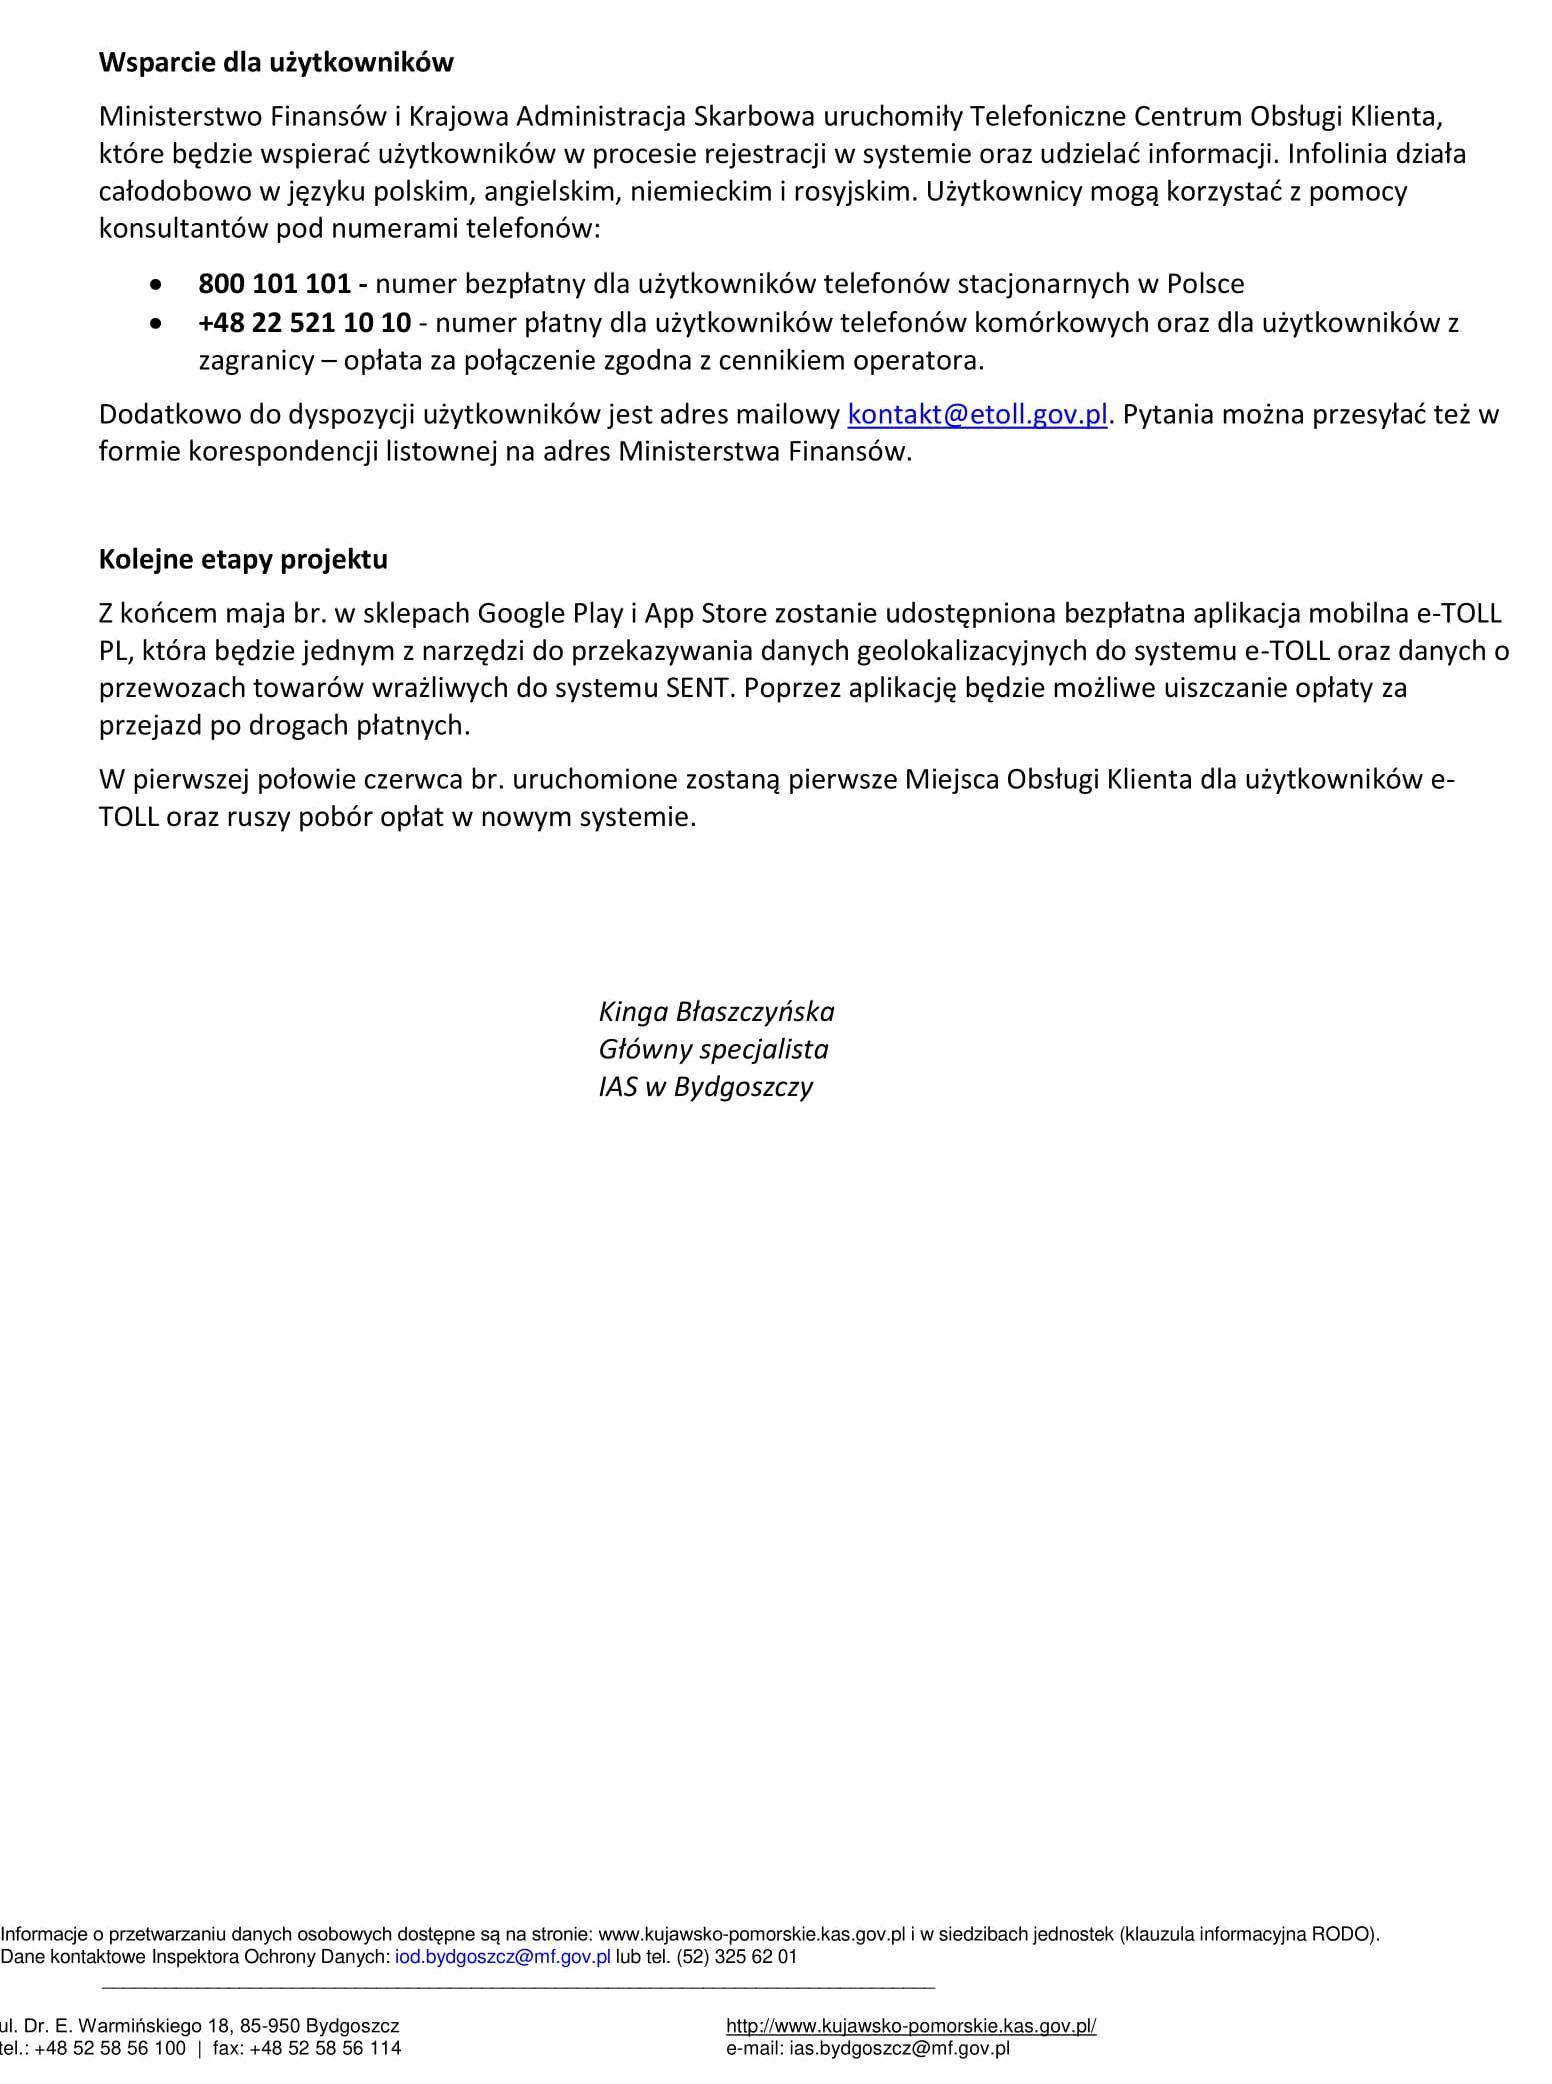 Komunikat - Rejestracja w systemie e-TOLL 25.05.2021 r.-2.jpg (426 KB)